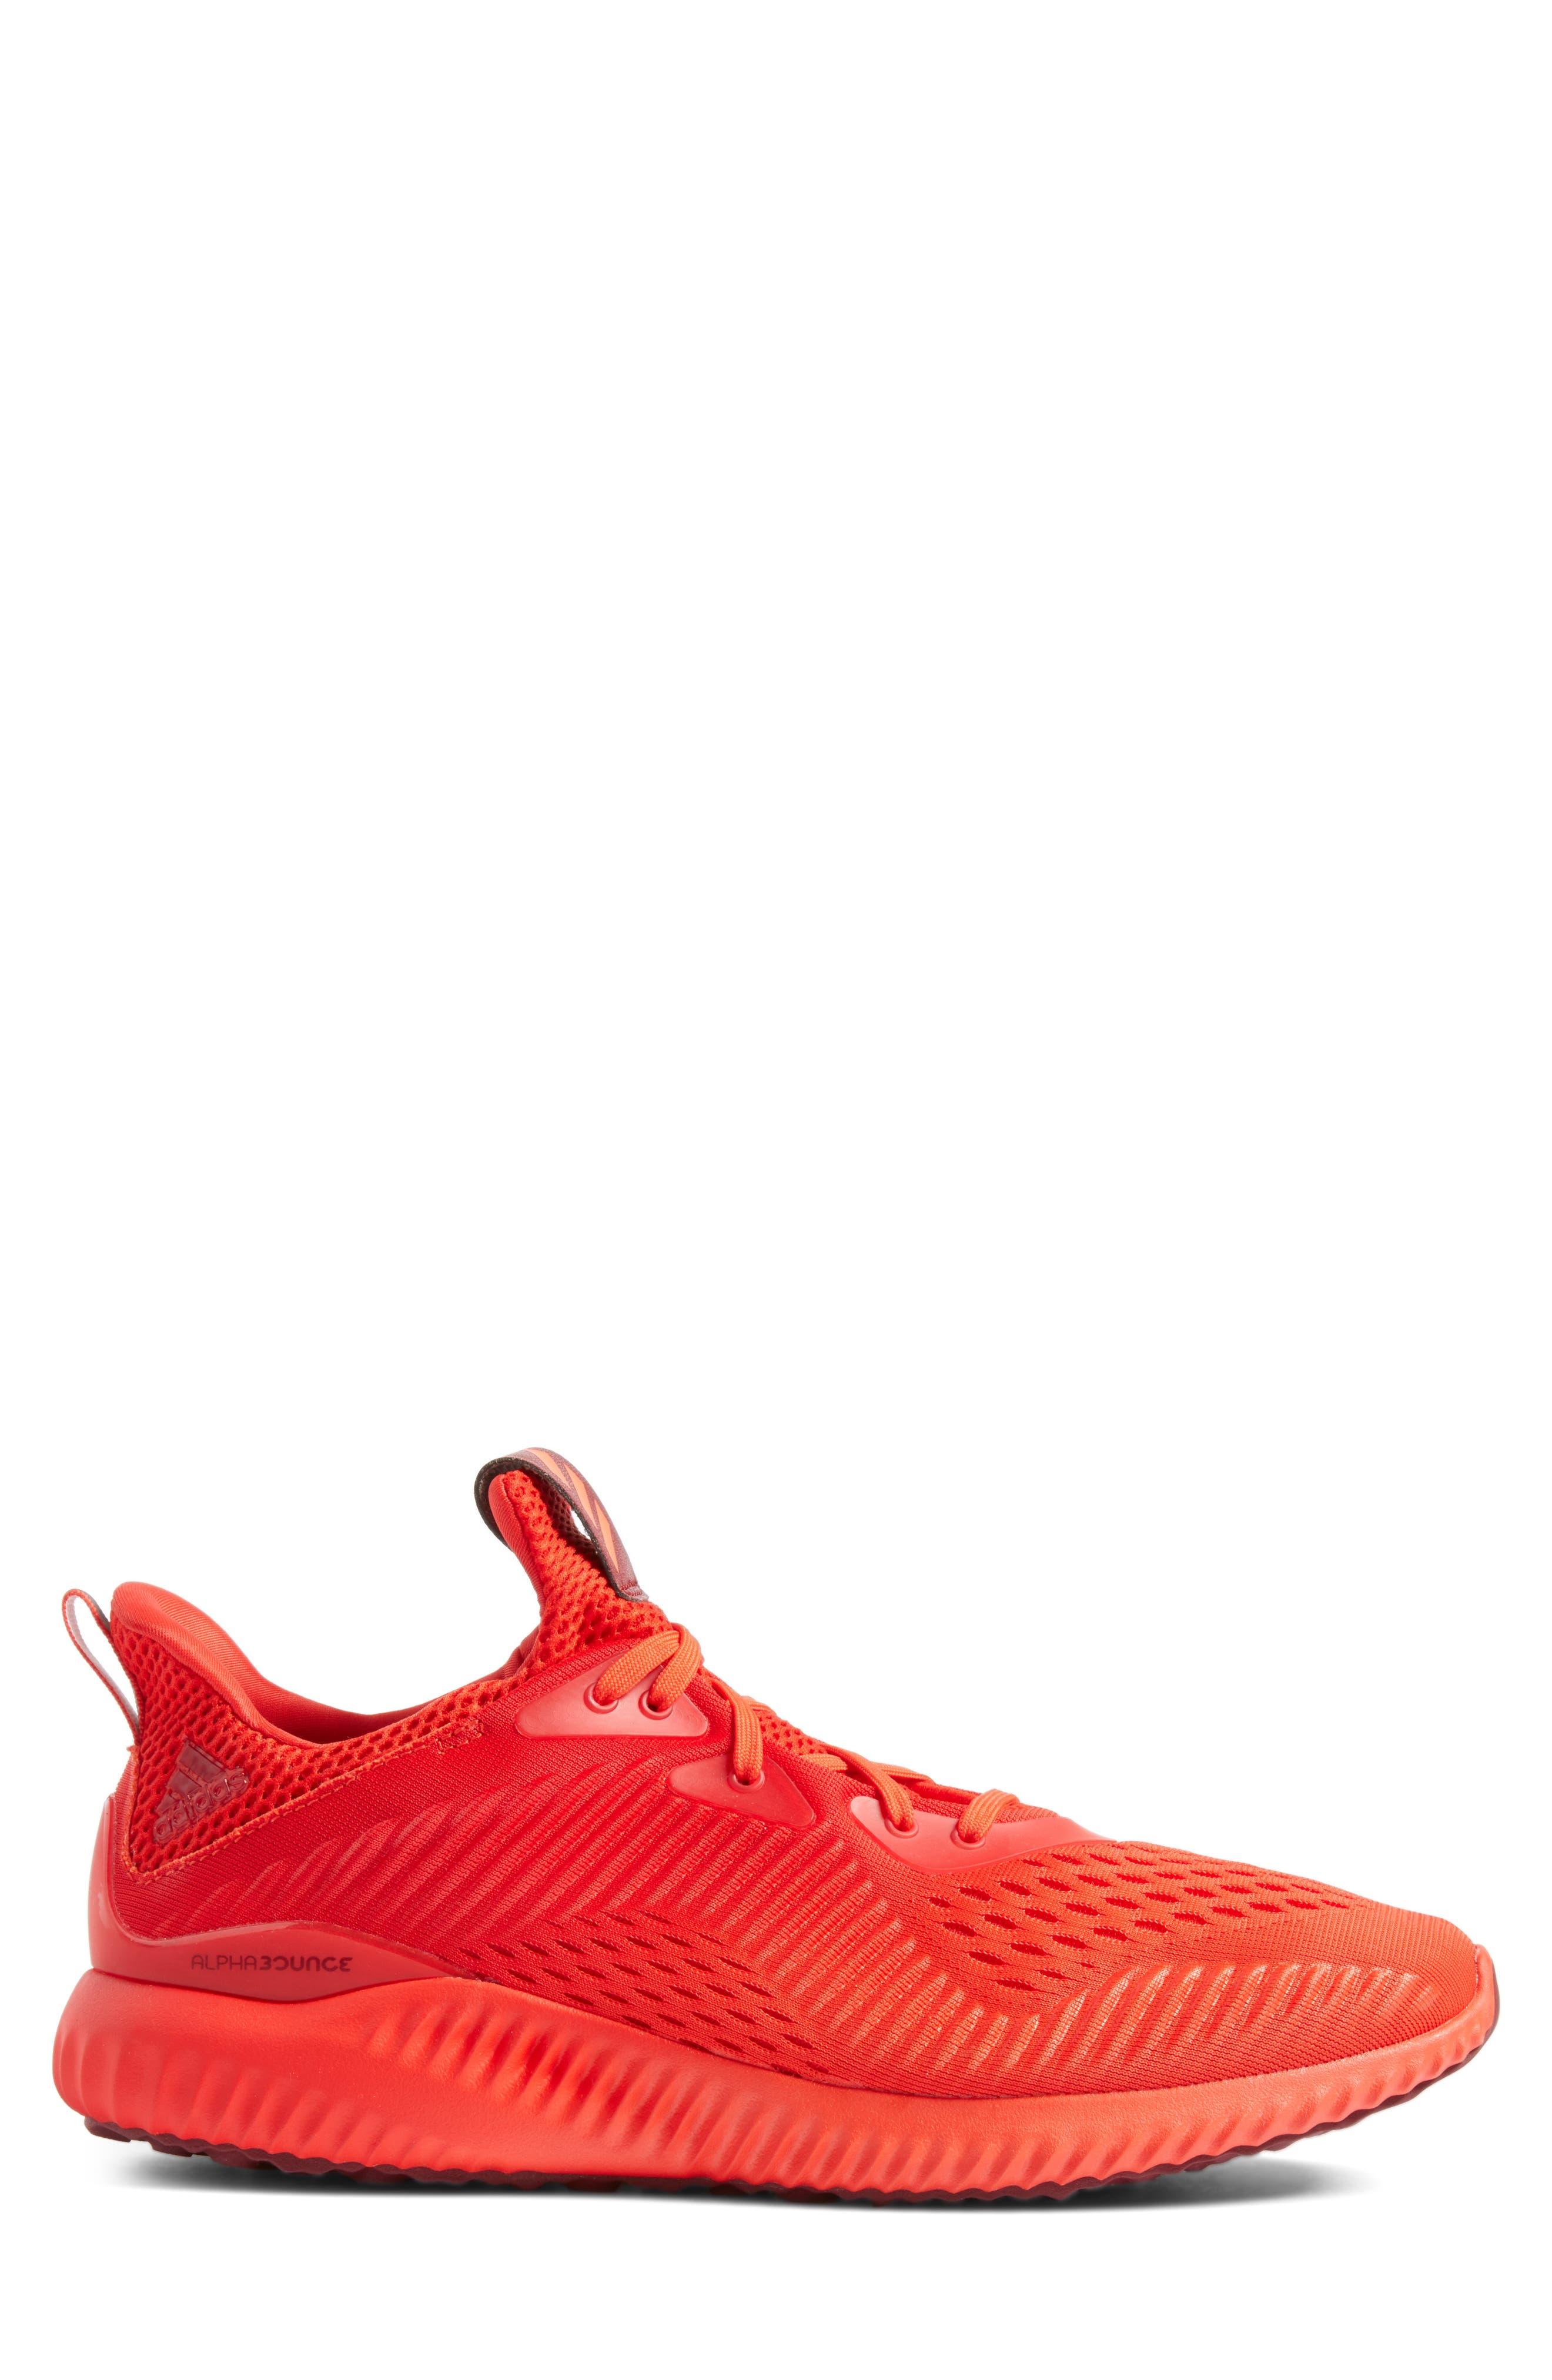 AlphaBounce Running Shoe,                             Alternate thumbnail 3, color,                             Blaze Orange/Red/Burgundy